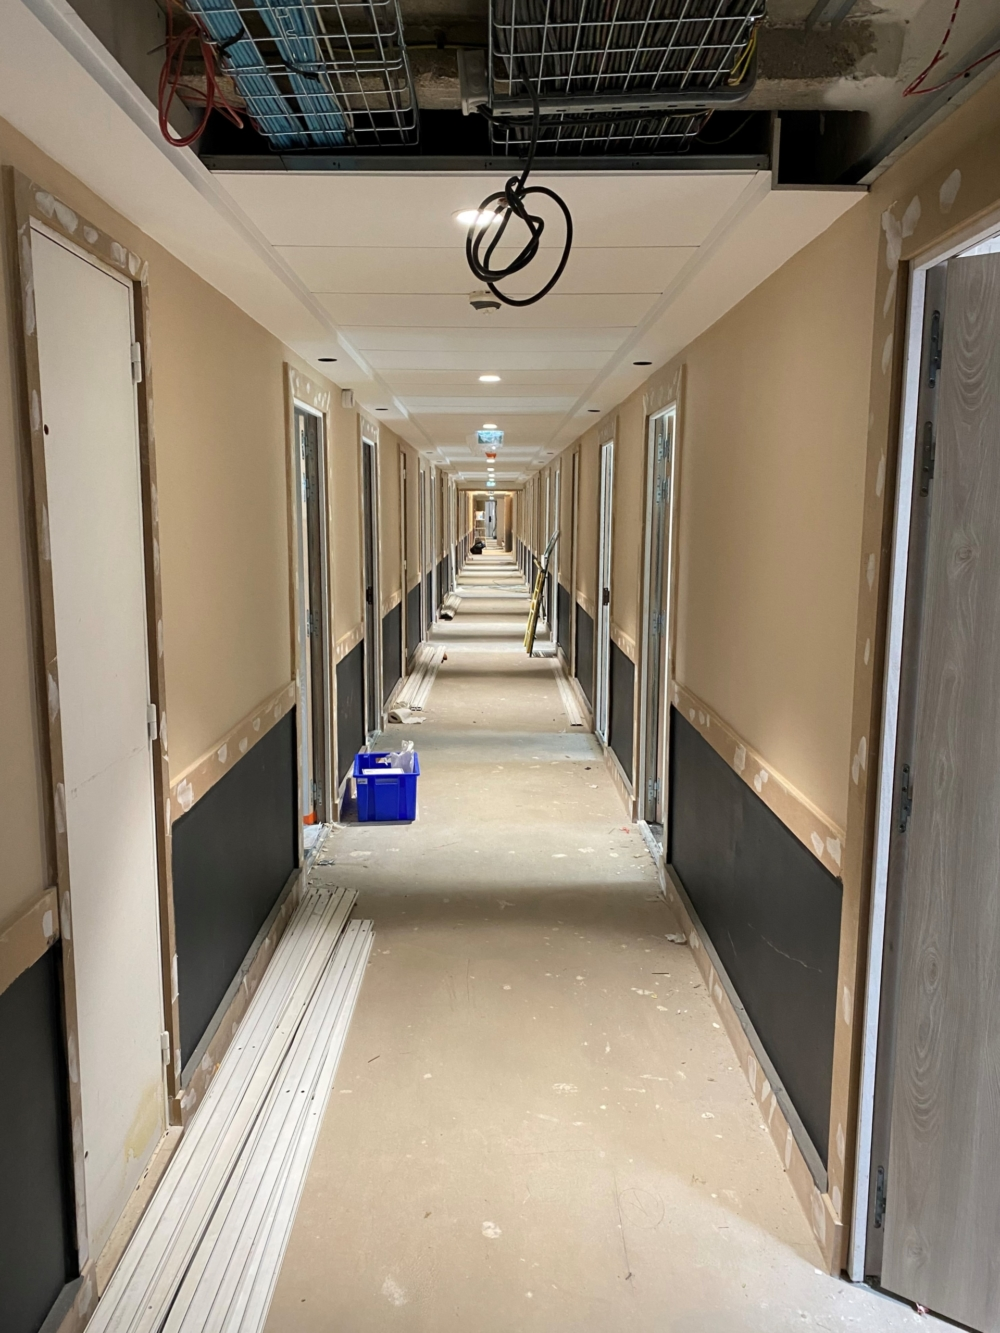 rénovation de l'hôtel NOVOTEL RENNES ALMA de 100 chambres situé rue du Canada à Rennes pour le Groupe le Duff